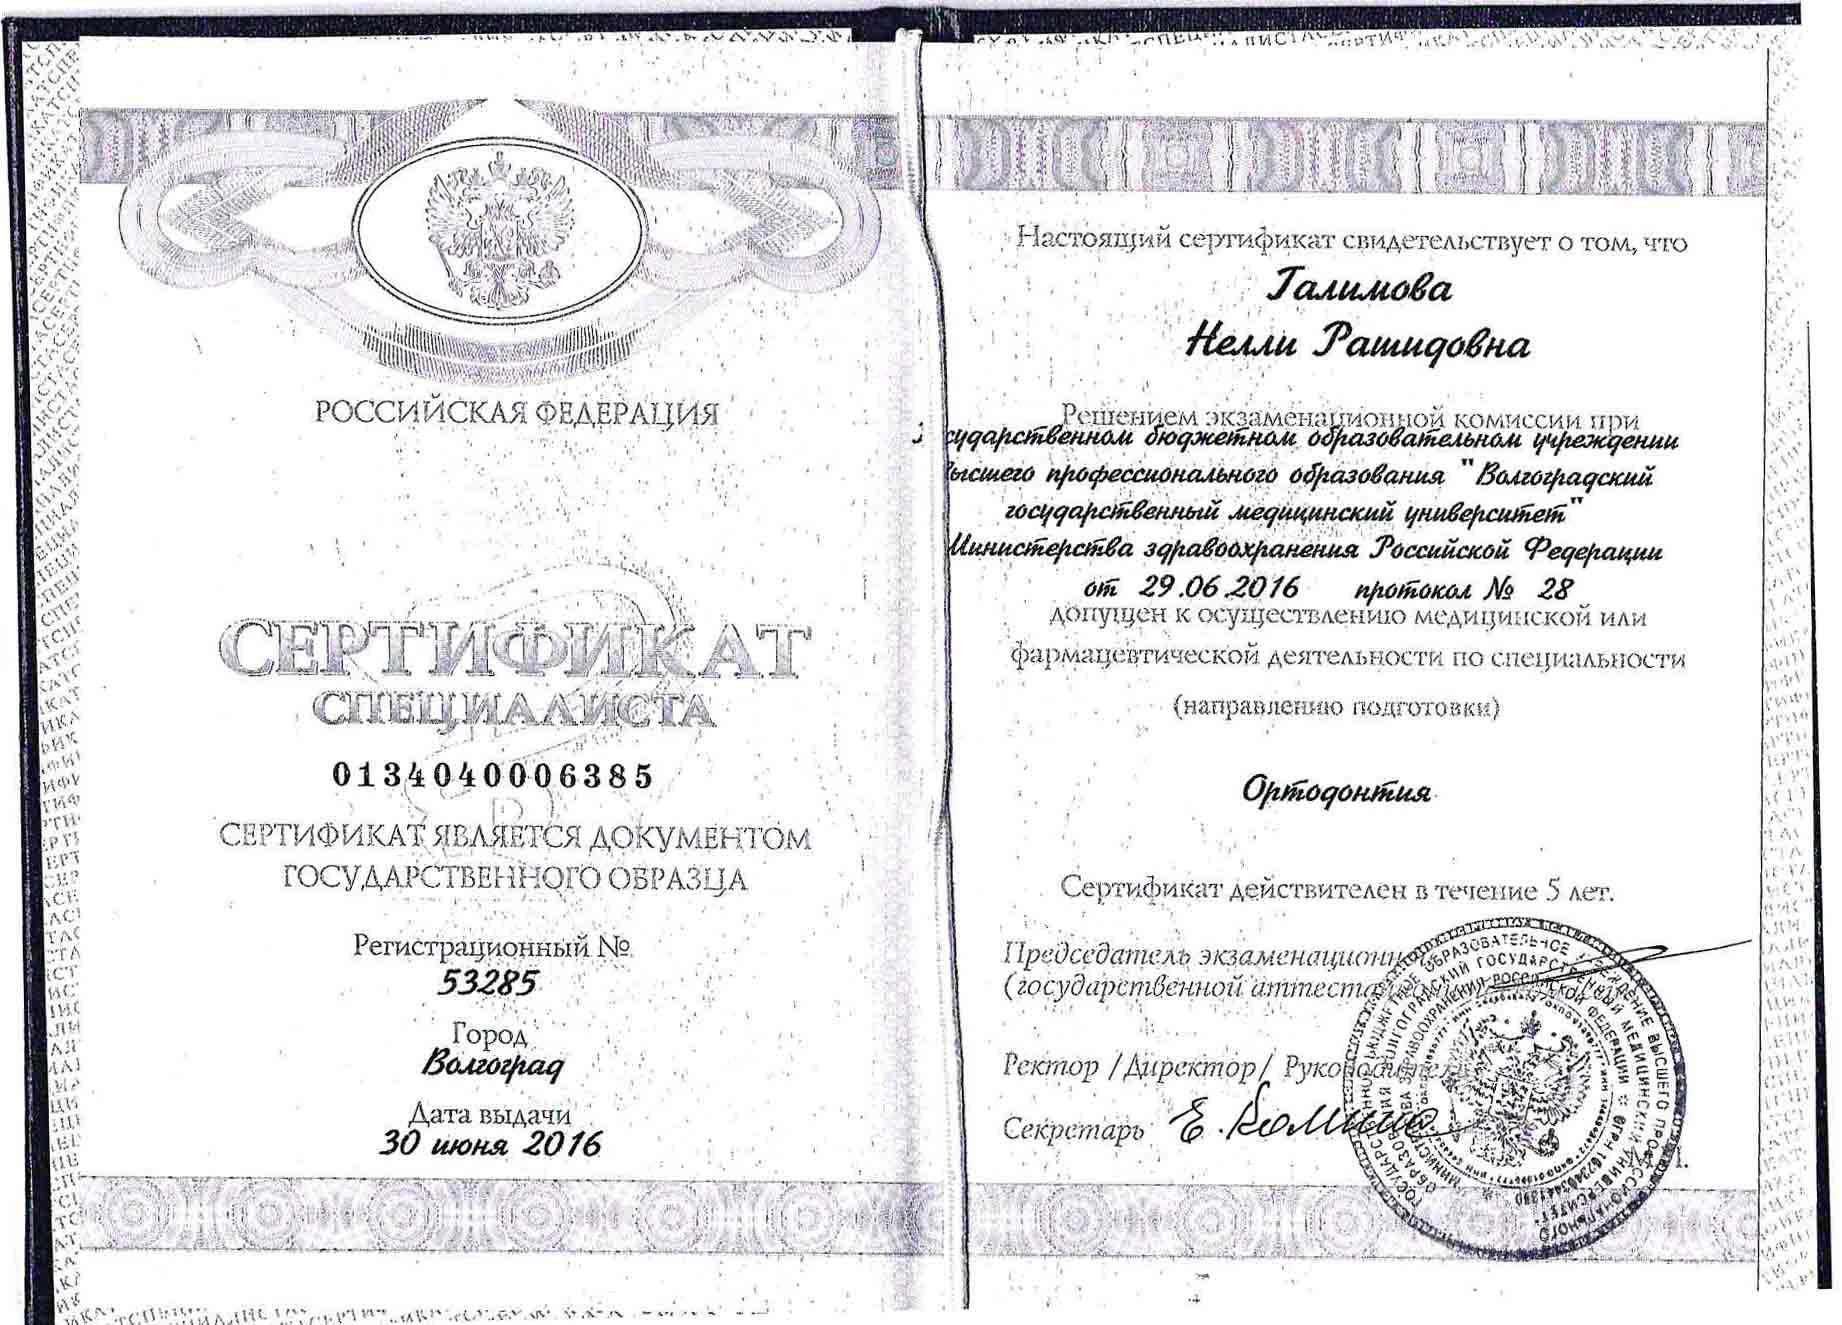 сертификат стоматолога-ортодонта Солововой Нелли Рашидовны